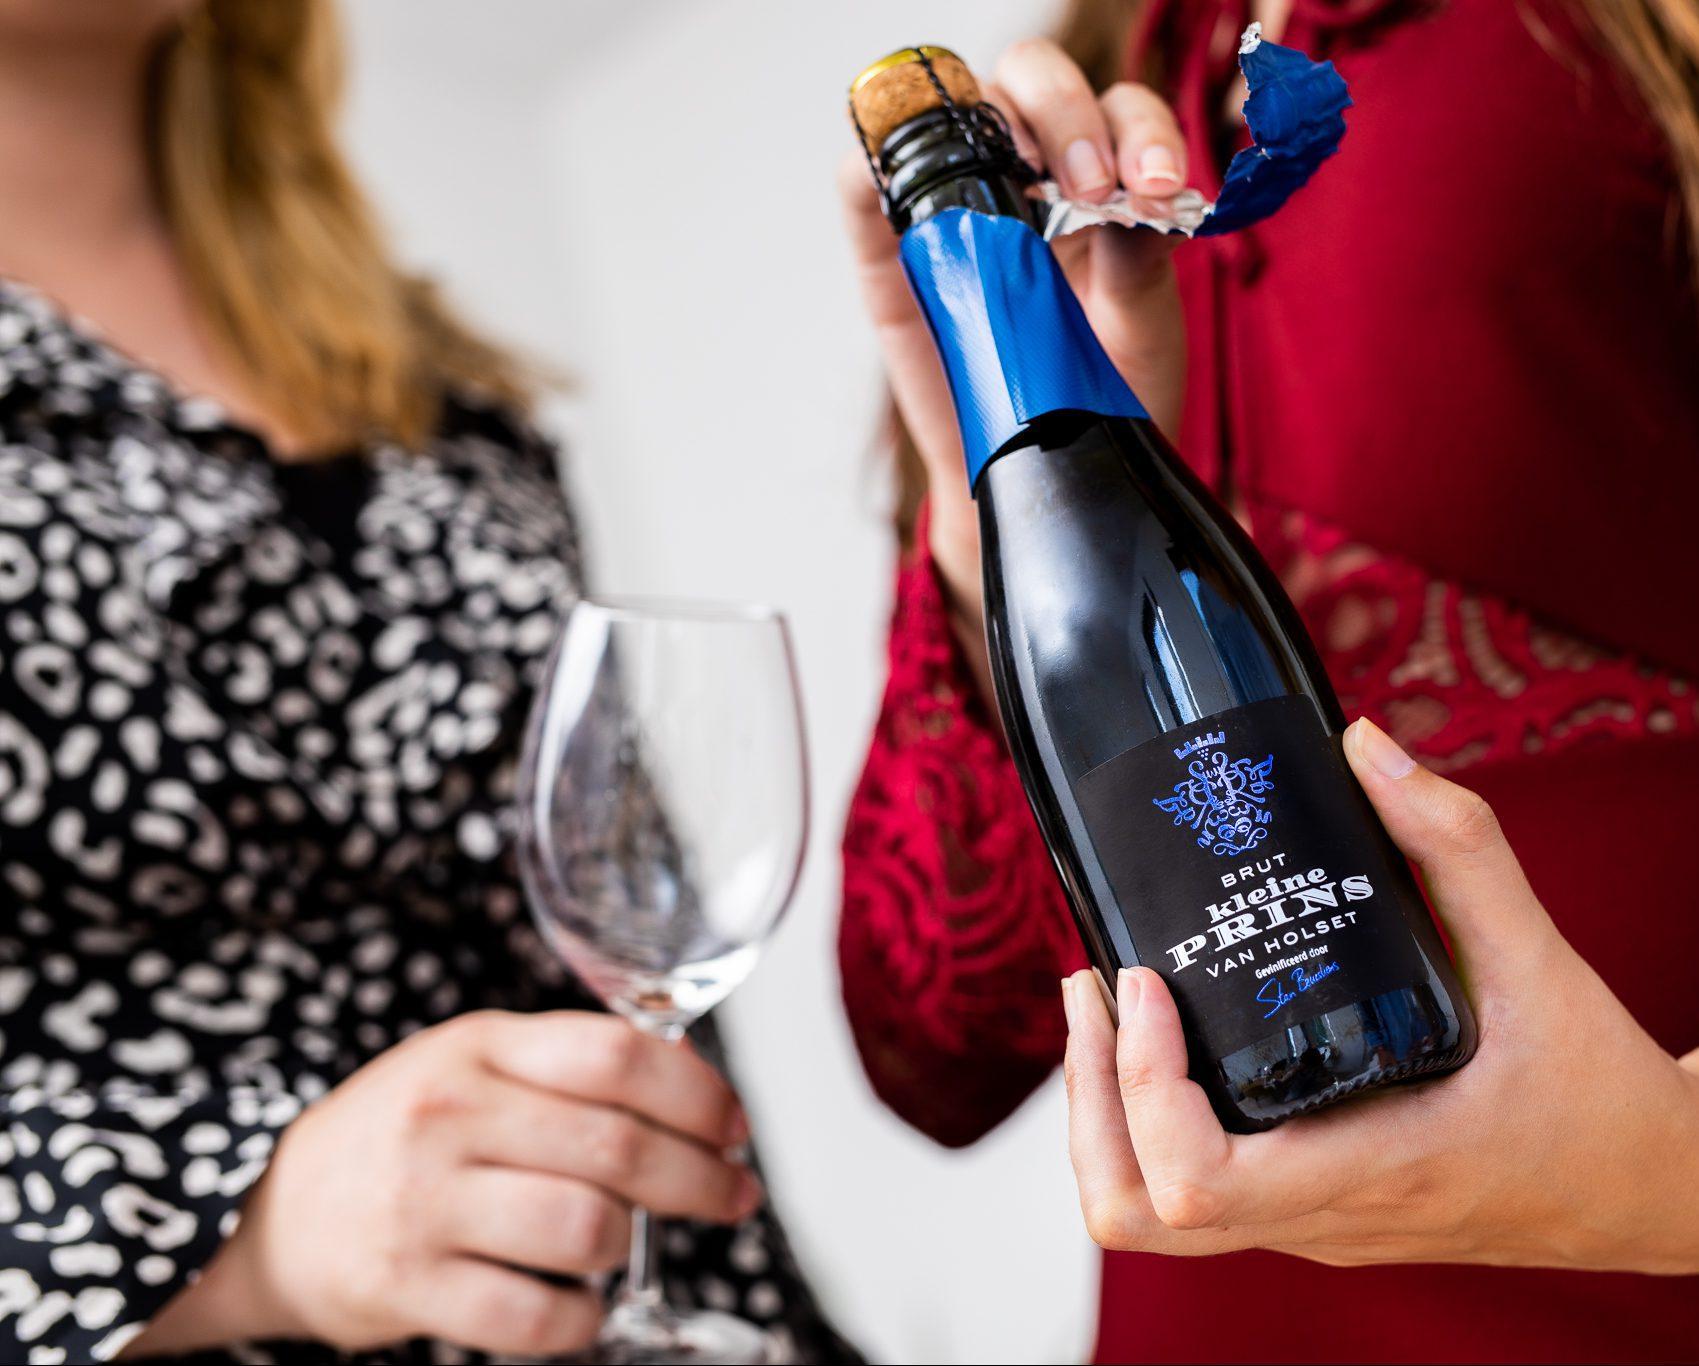 kleine prins van holset bubbels rood champagne nederlandse wijn